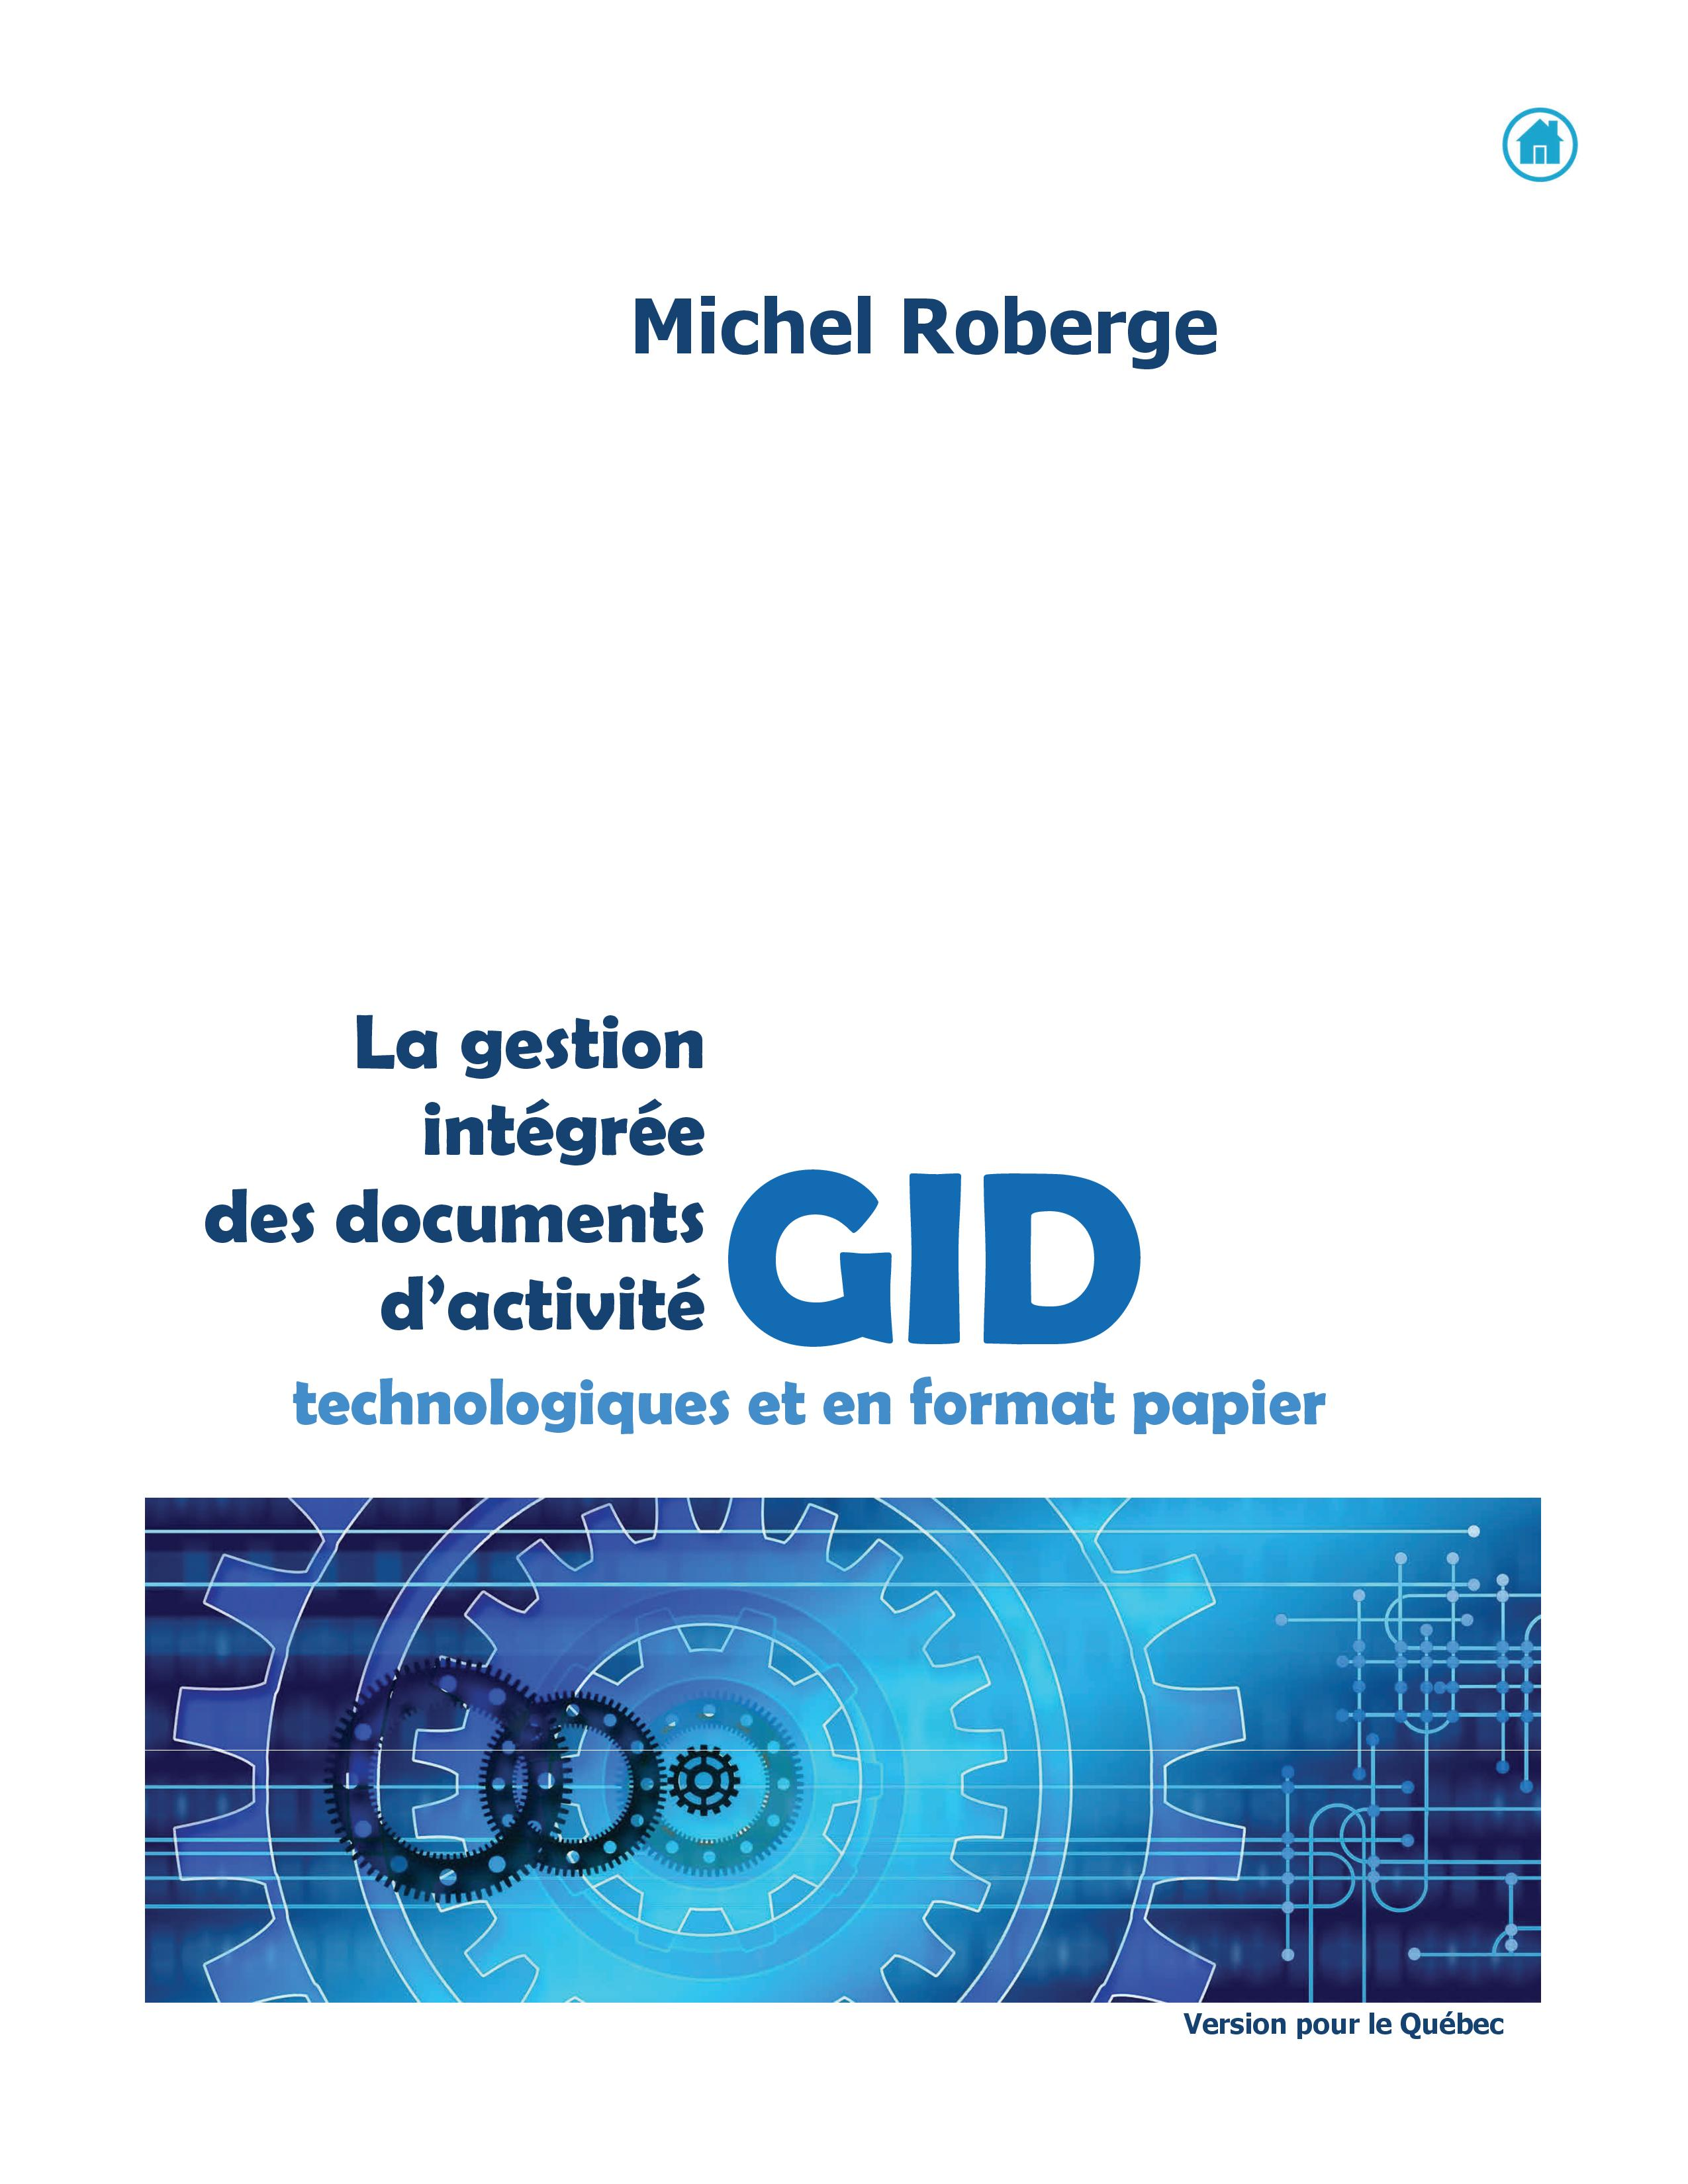 La gestion intégrée des documents d'activités (GID) en format papier et technologiques